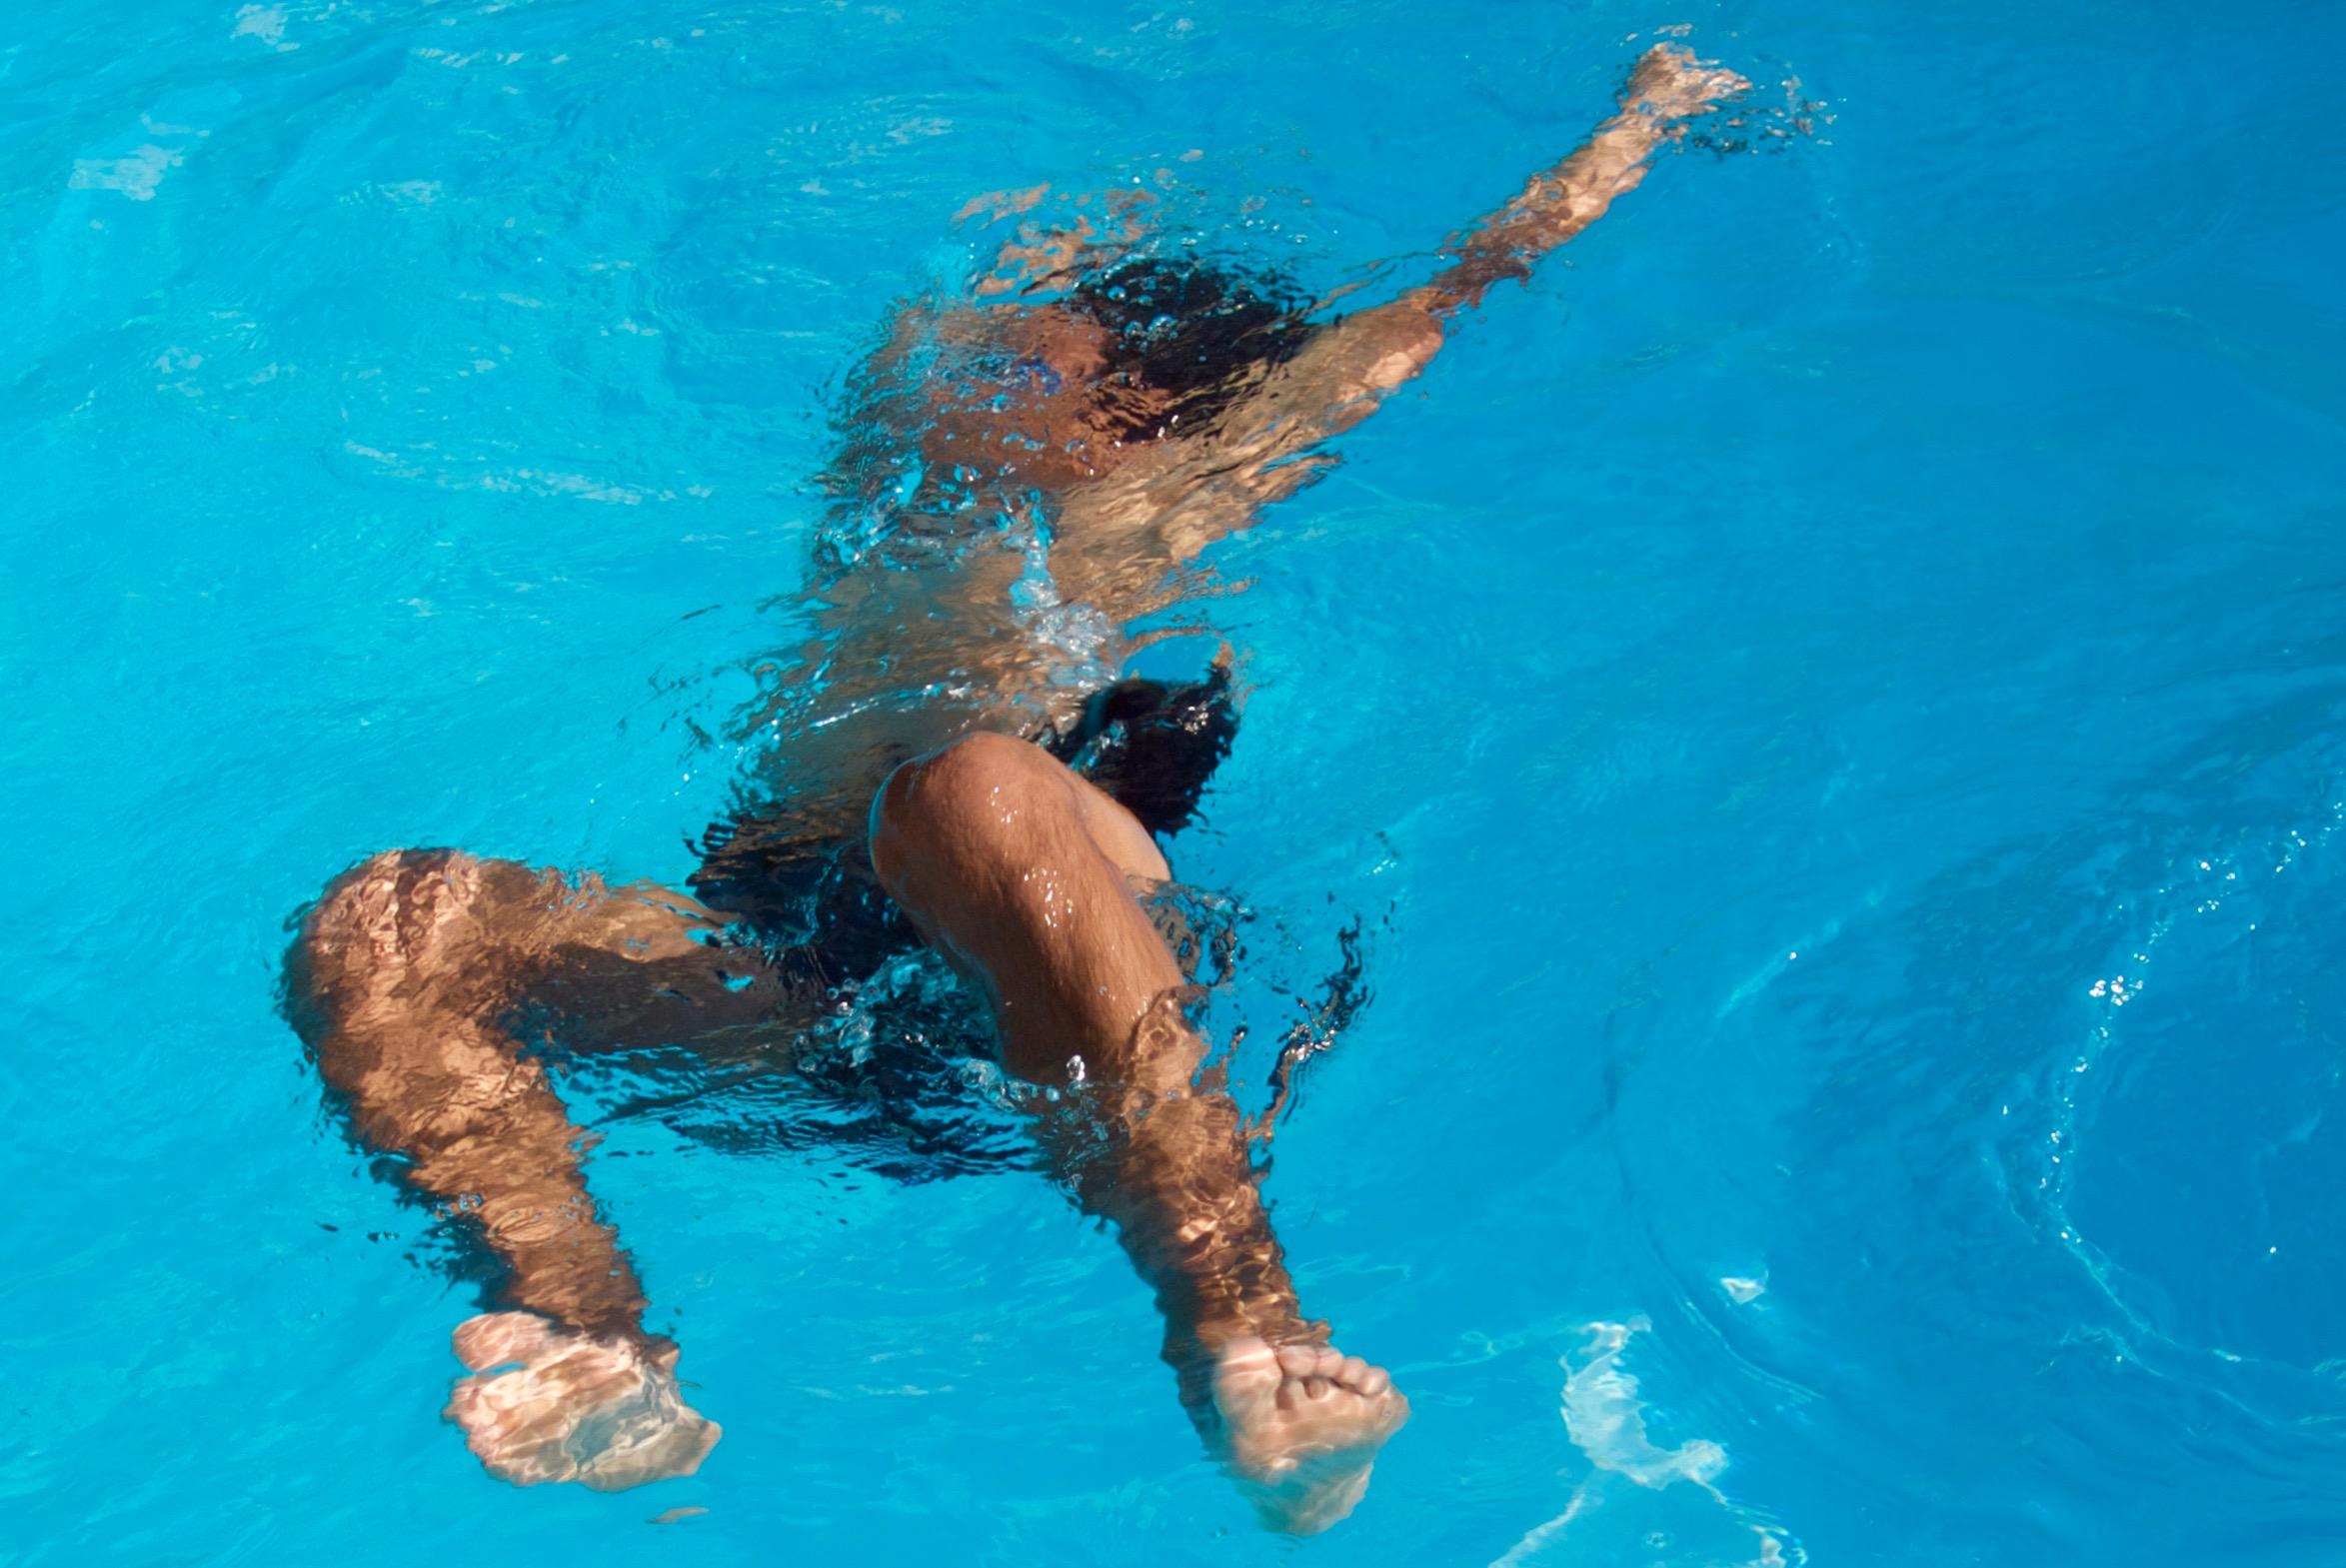 Rambert dancer Liam dancing in his pool earlier this week